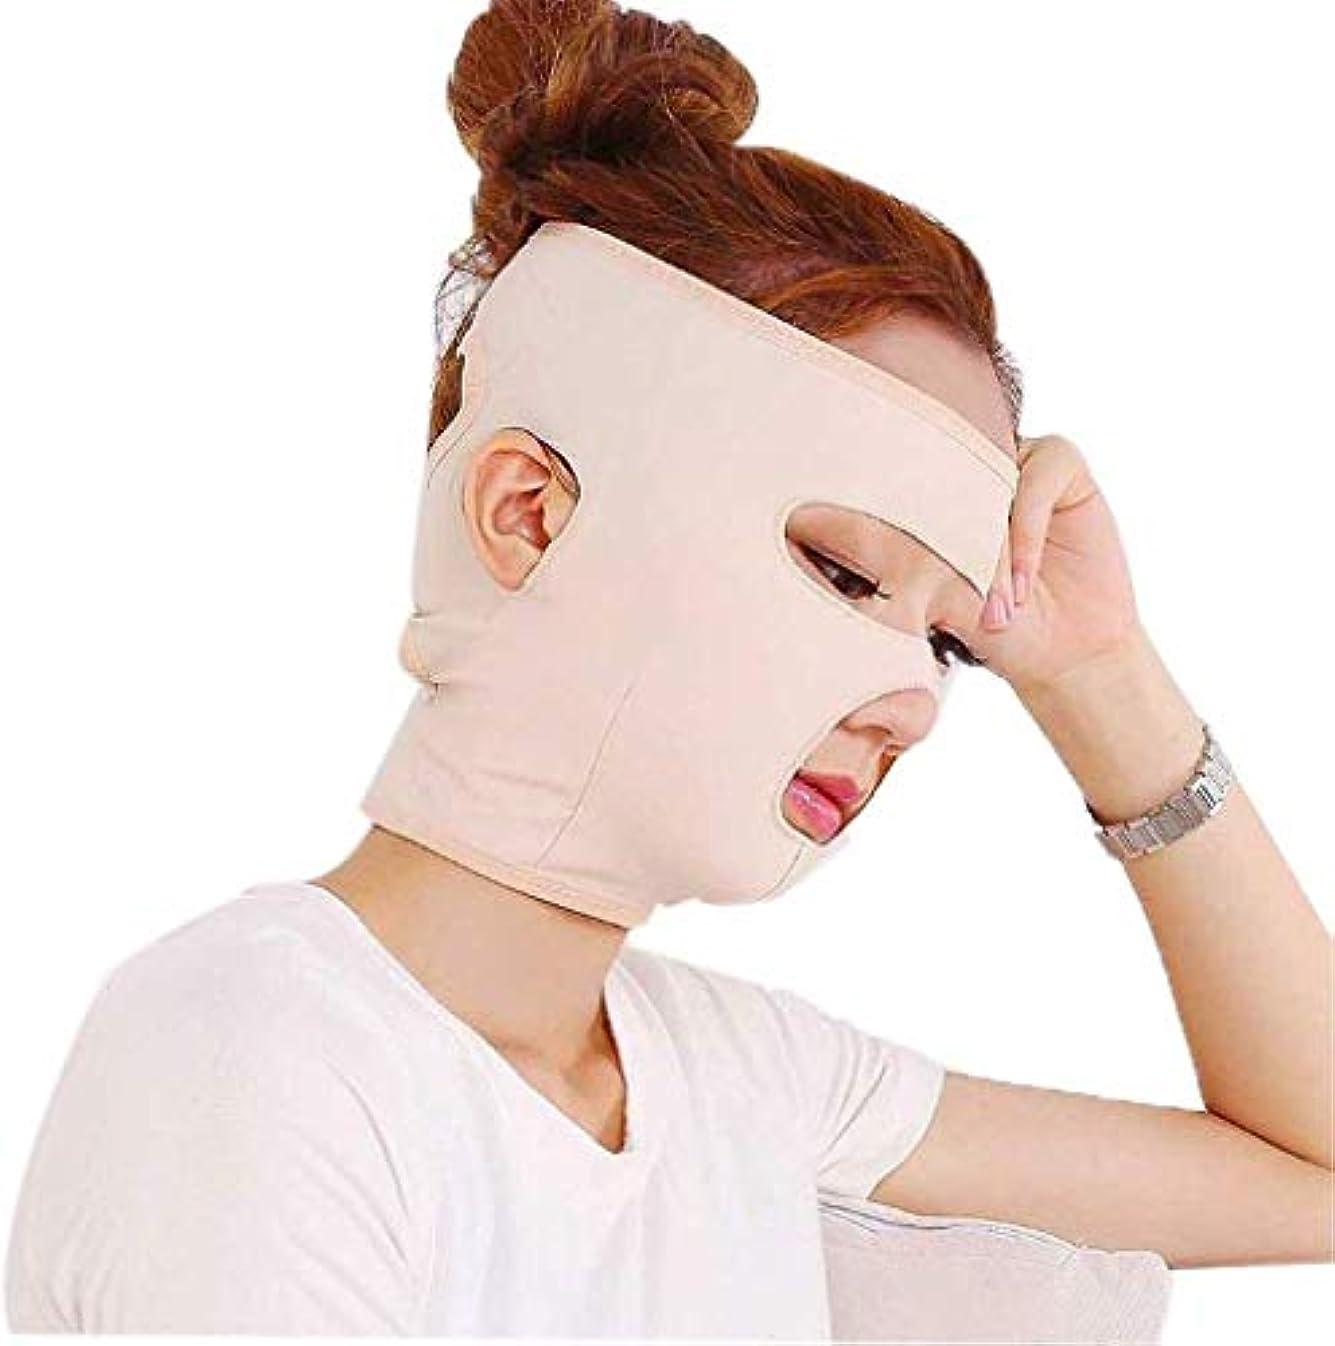 注目すべき半島良い美容と実用的なフェイスリフティングマスク、フルフェイス通気性の術後回復包帯リフティングファーミングスキンリダクションによる小さなVフェイスマスクの作成(サイズ:M)